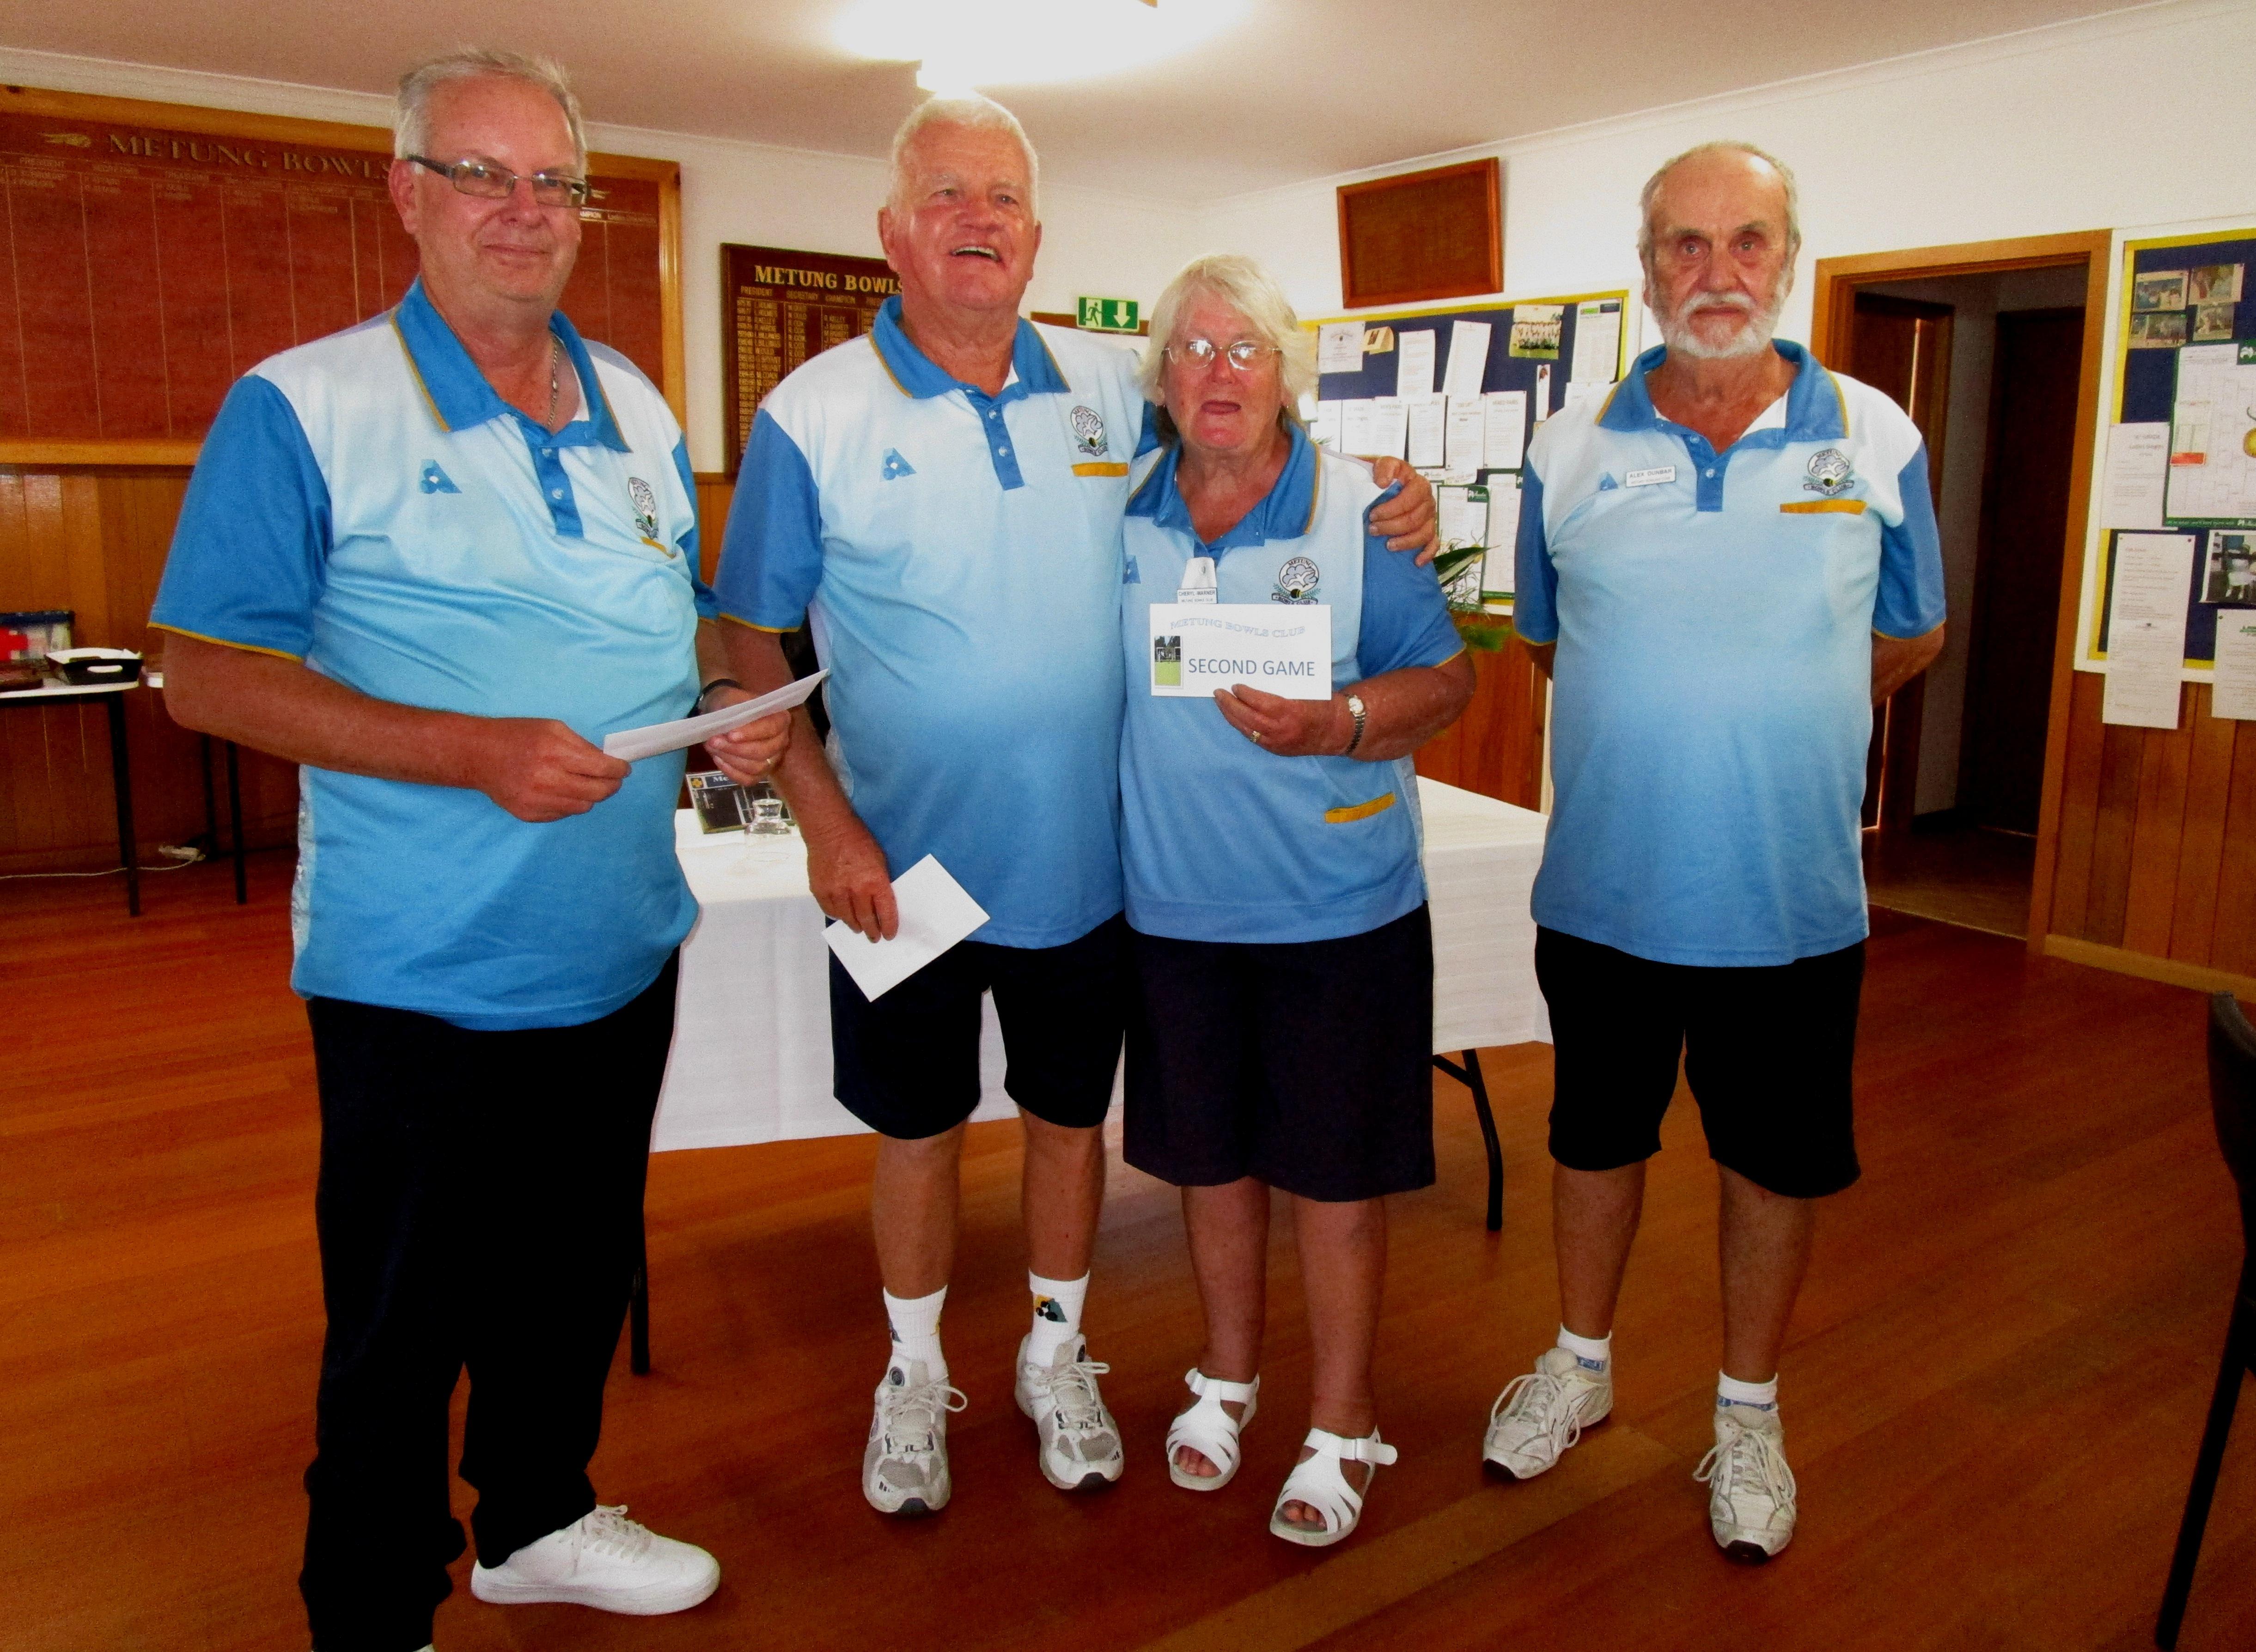 2nd game winners John Miller, Ken & Cheryl Warner & Alex Dunbar - Metung BC